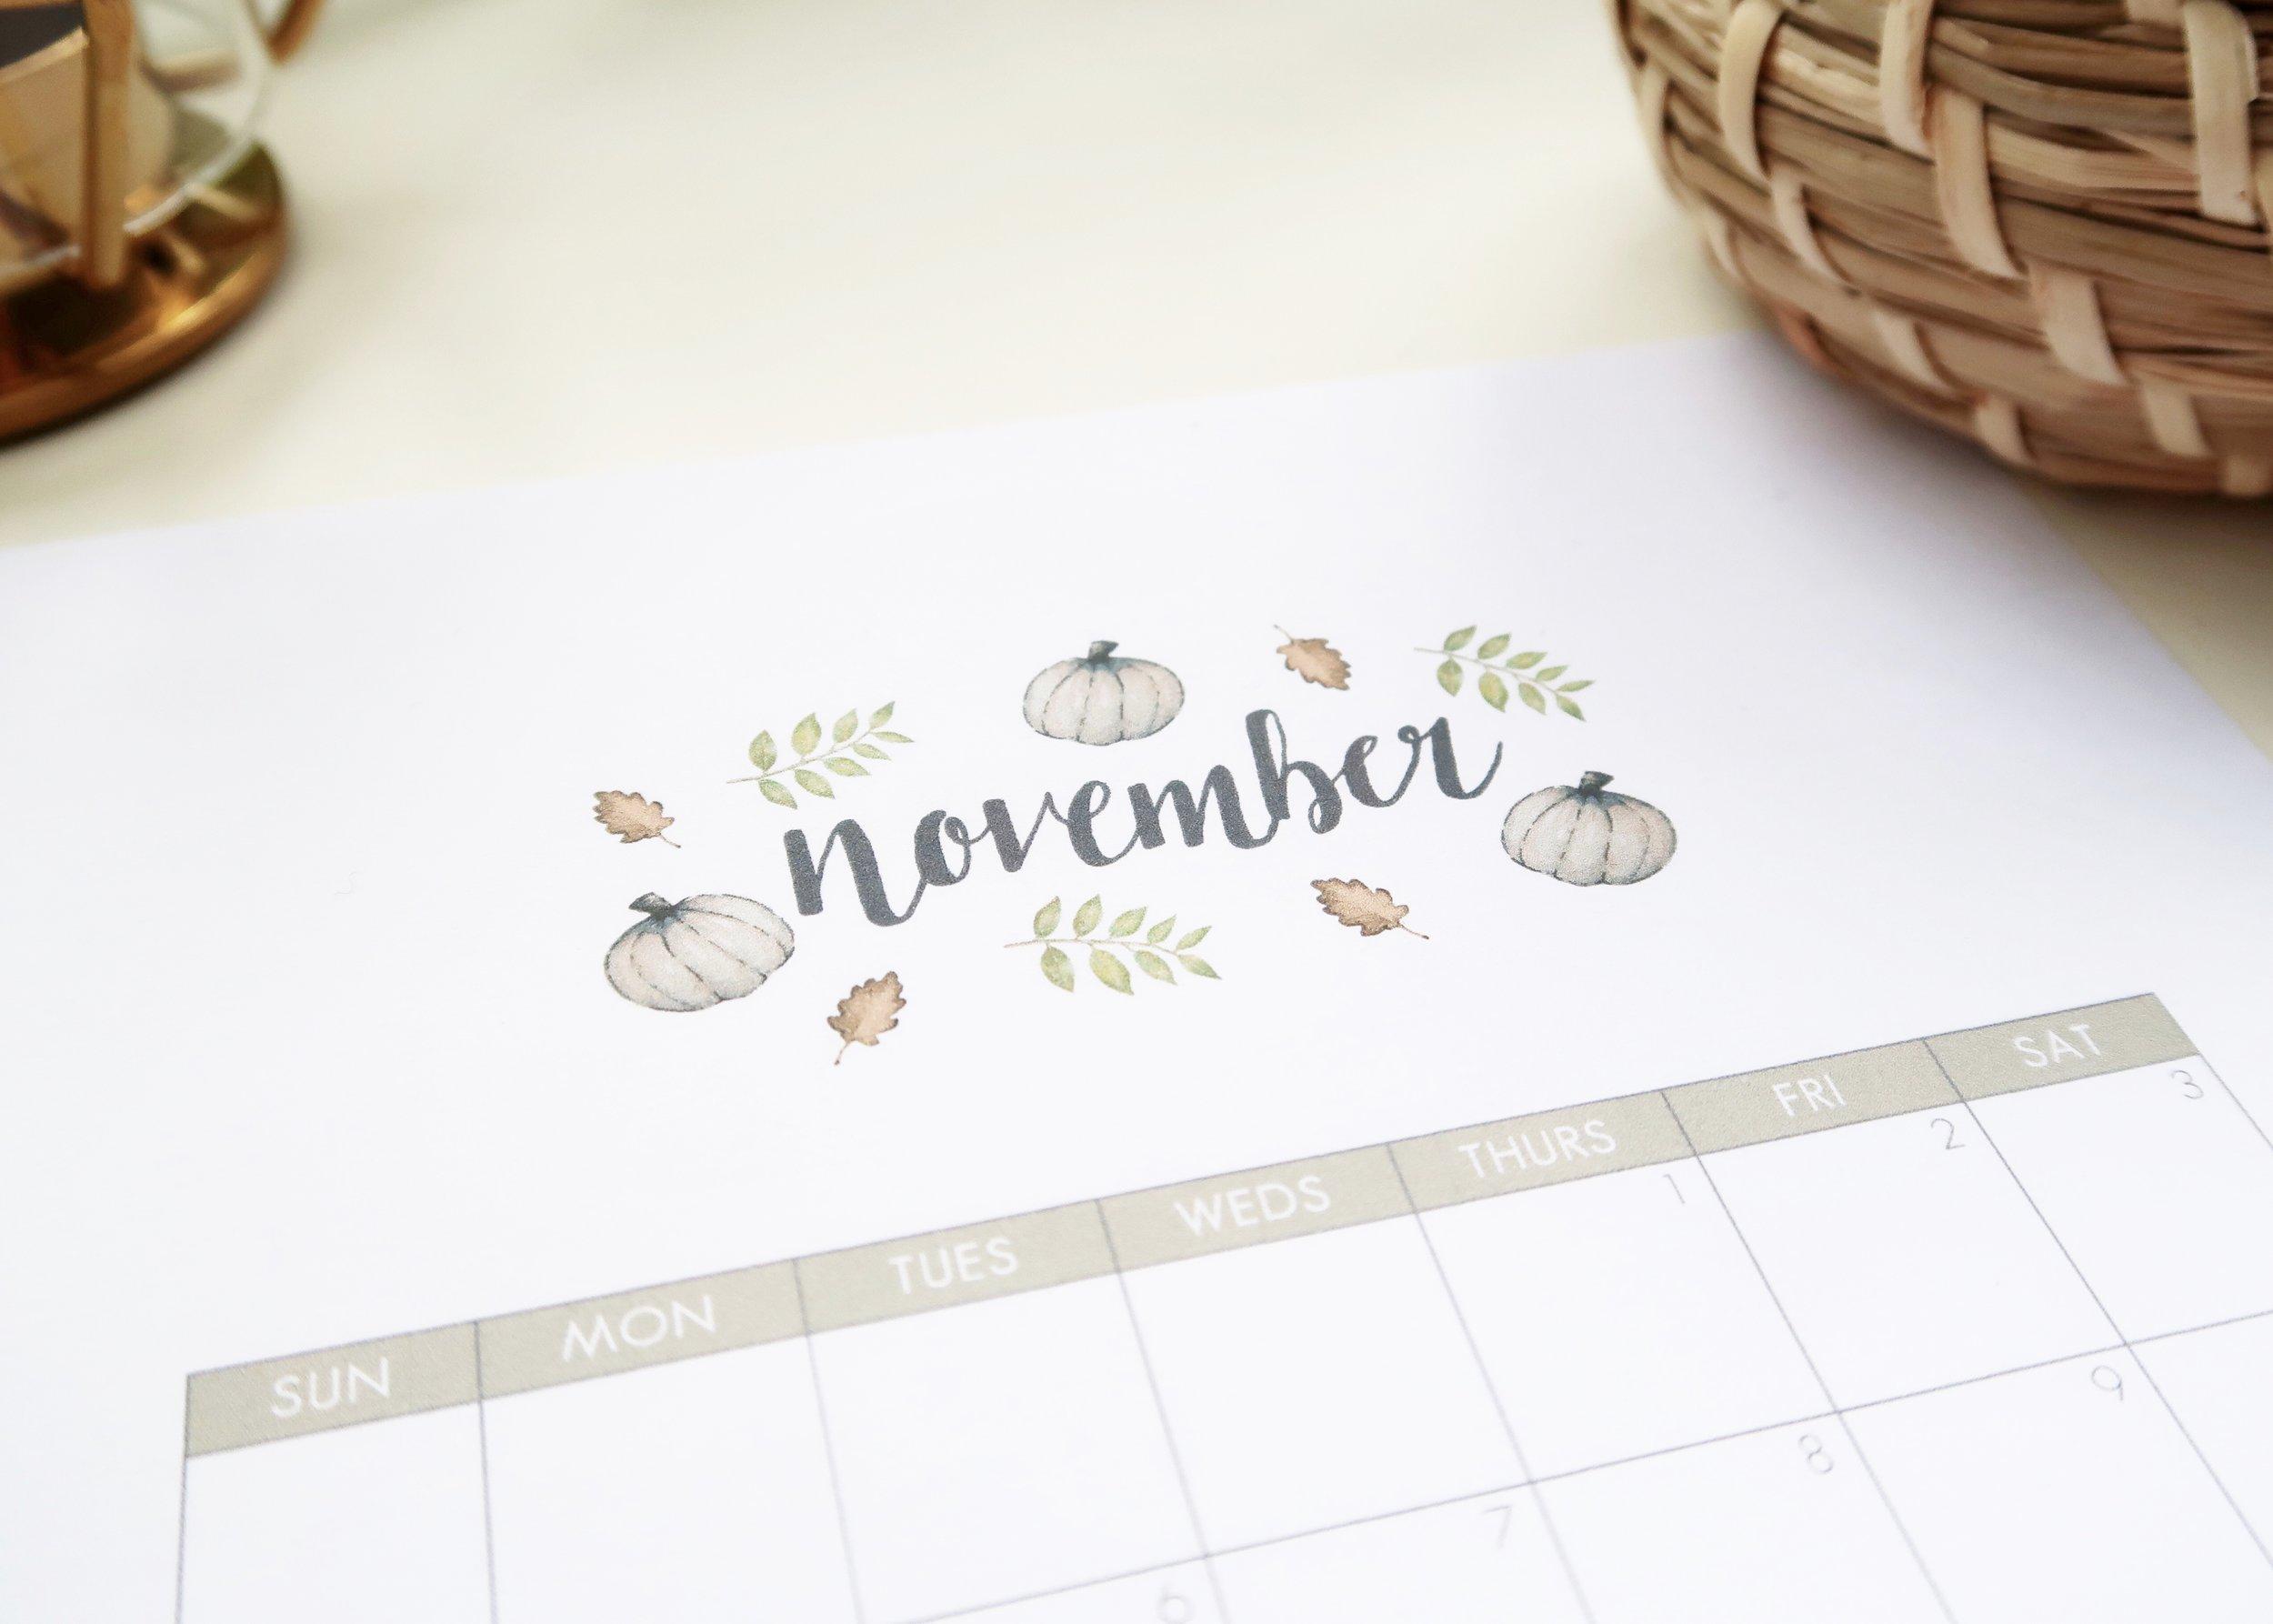 Printable November 2018 Calendar by Isoscella